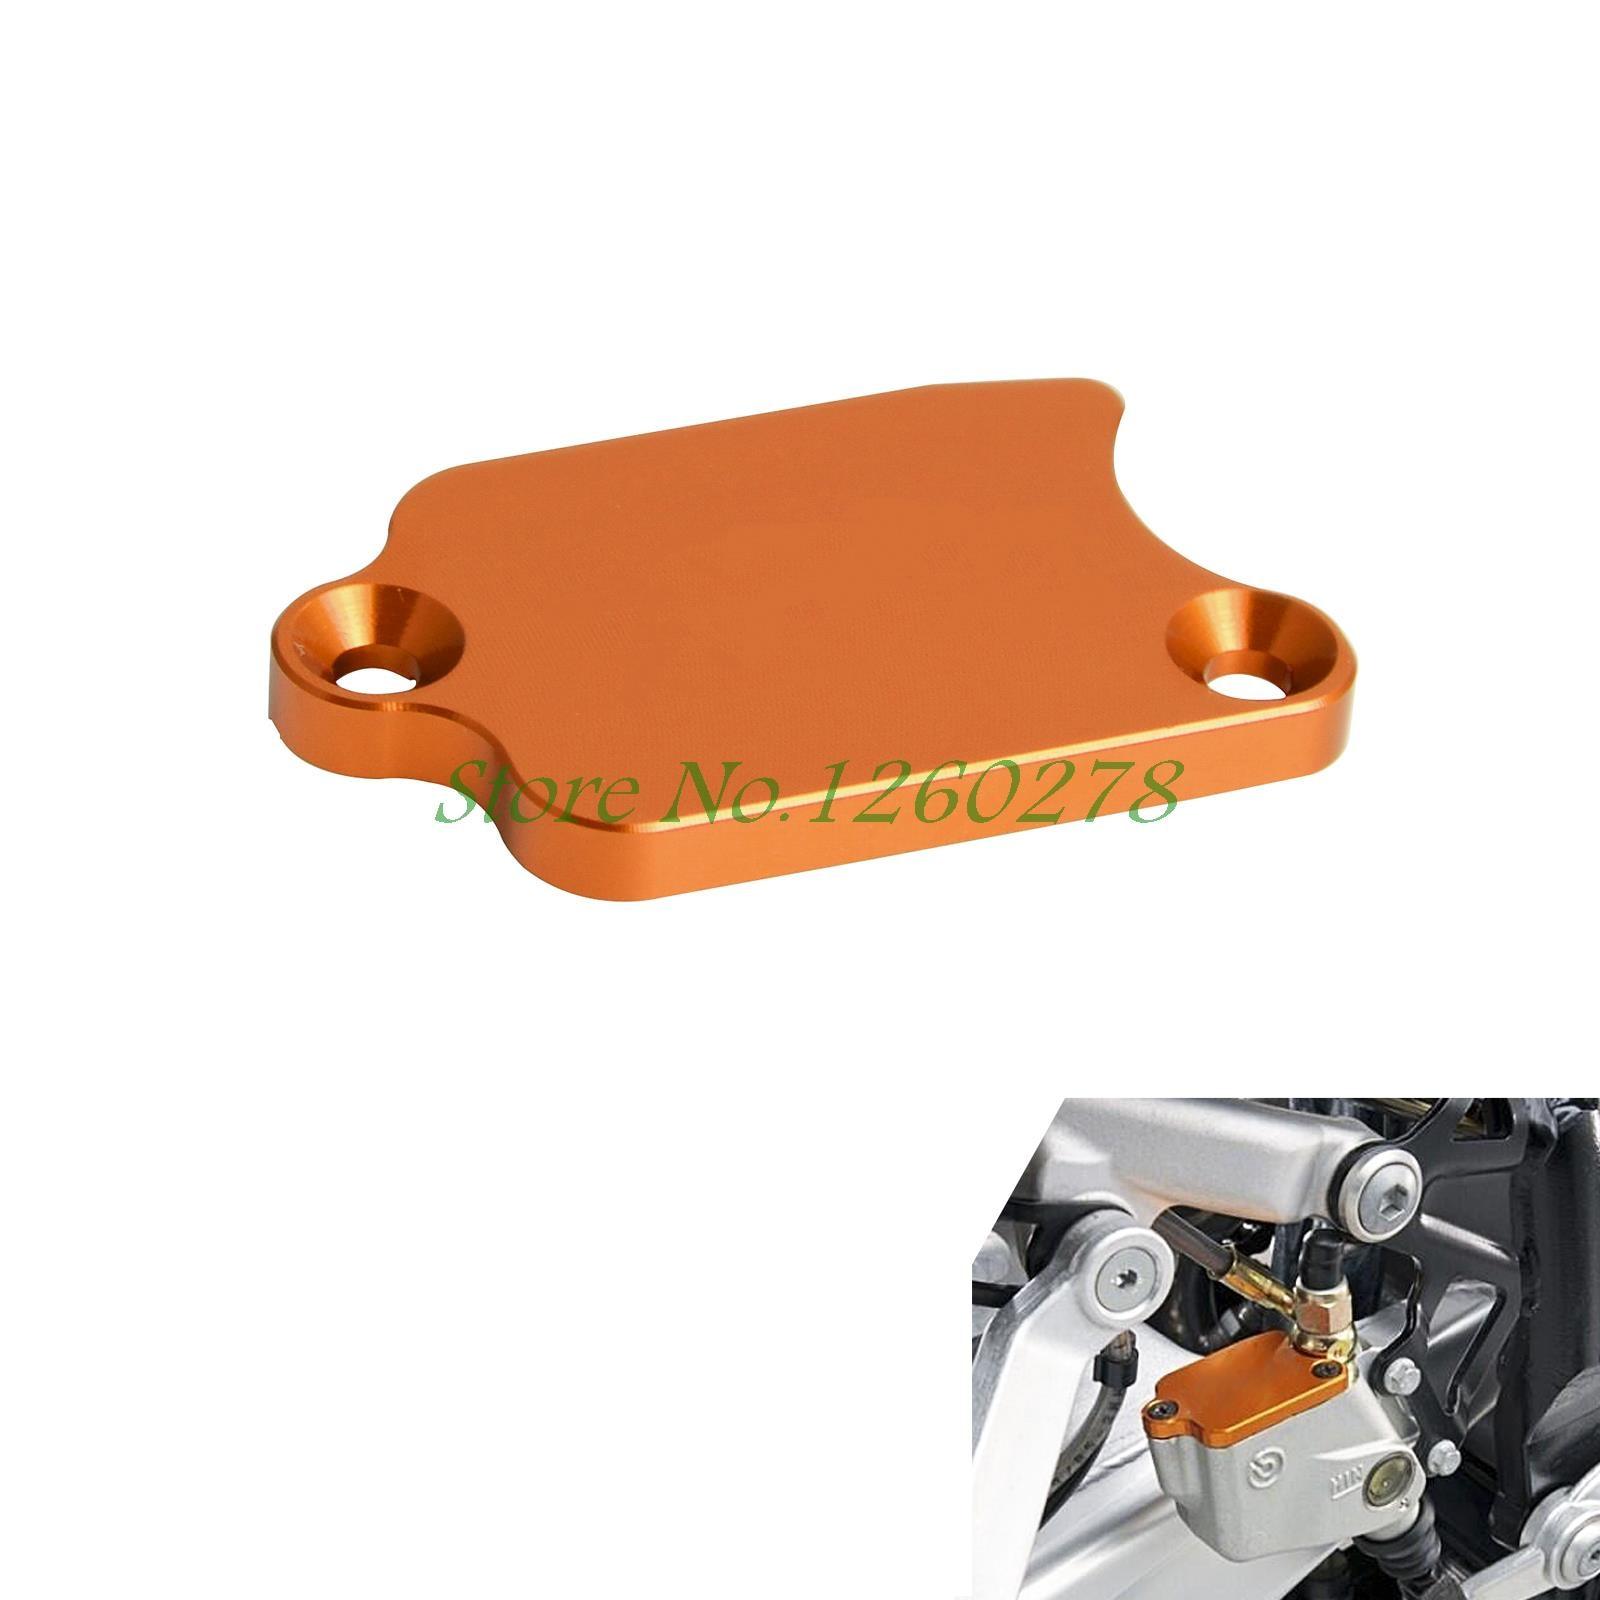 Nicecnc задний тормоз мастер крышка цилиндра/Кепки для KTM 950 990 супермото/R 2006-2013 950/990 Приключения /R ABS 2003-2012